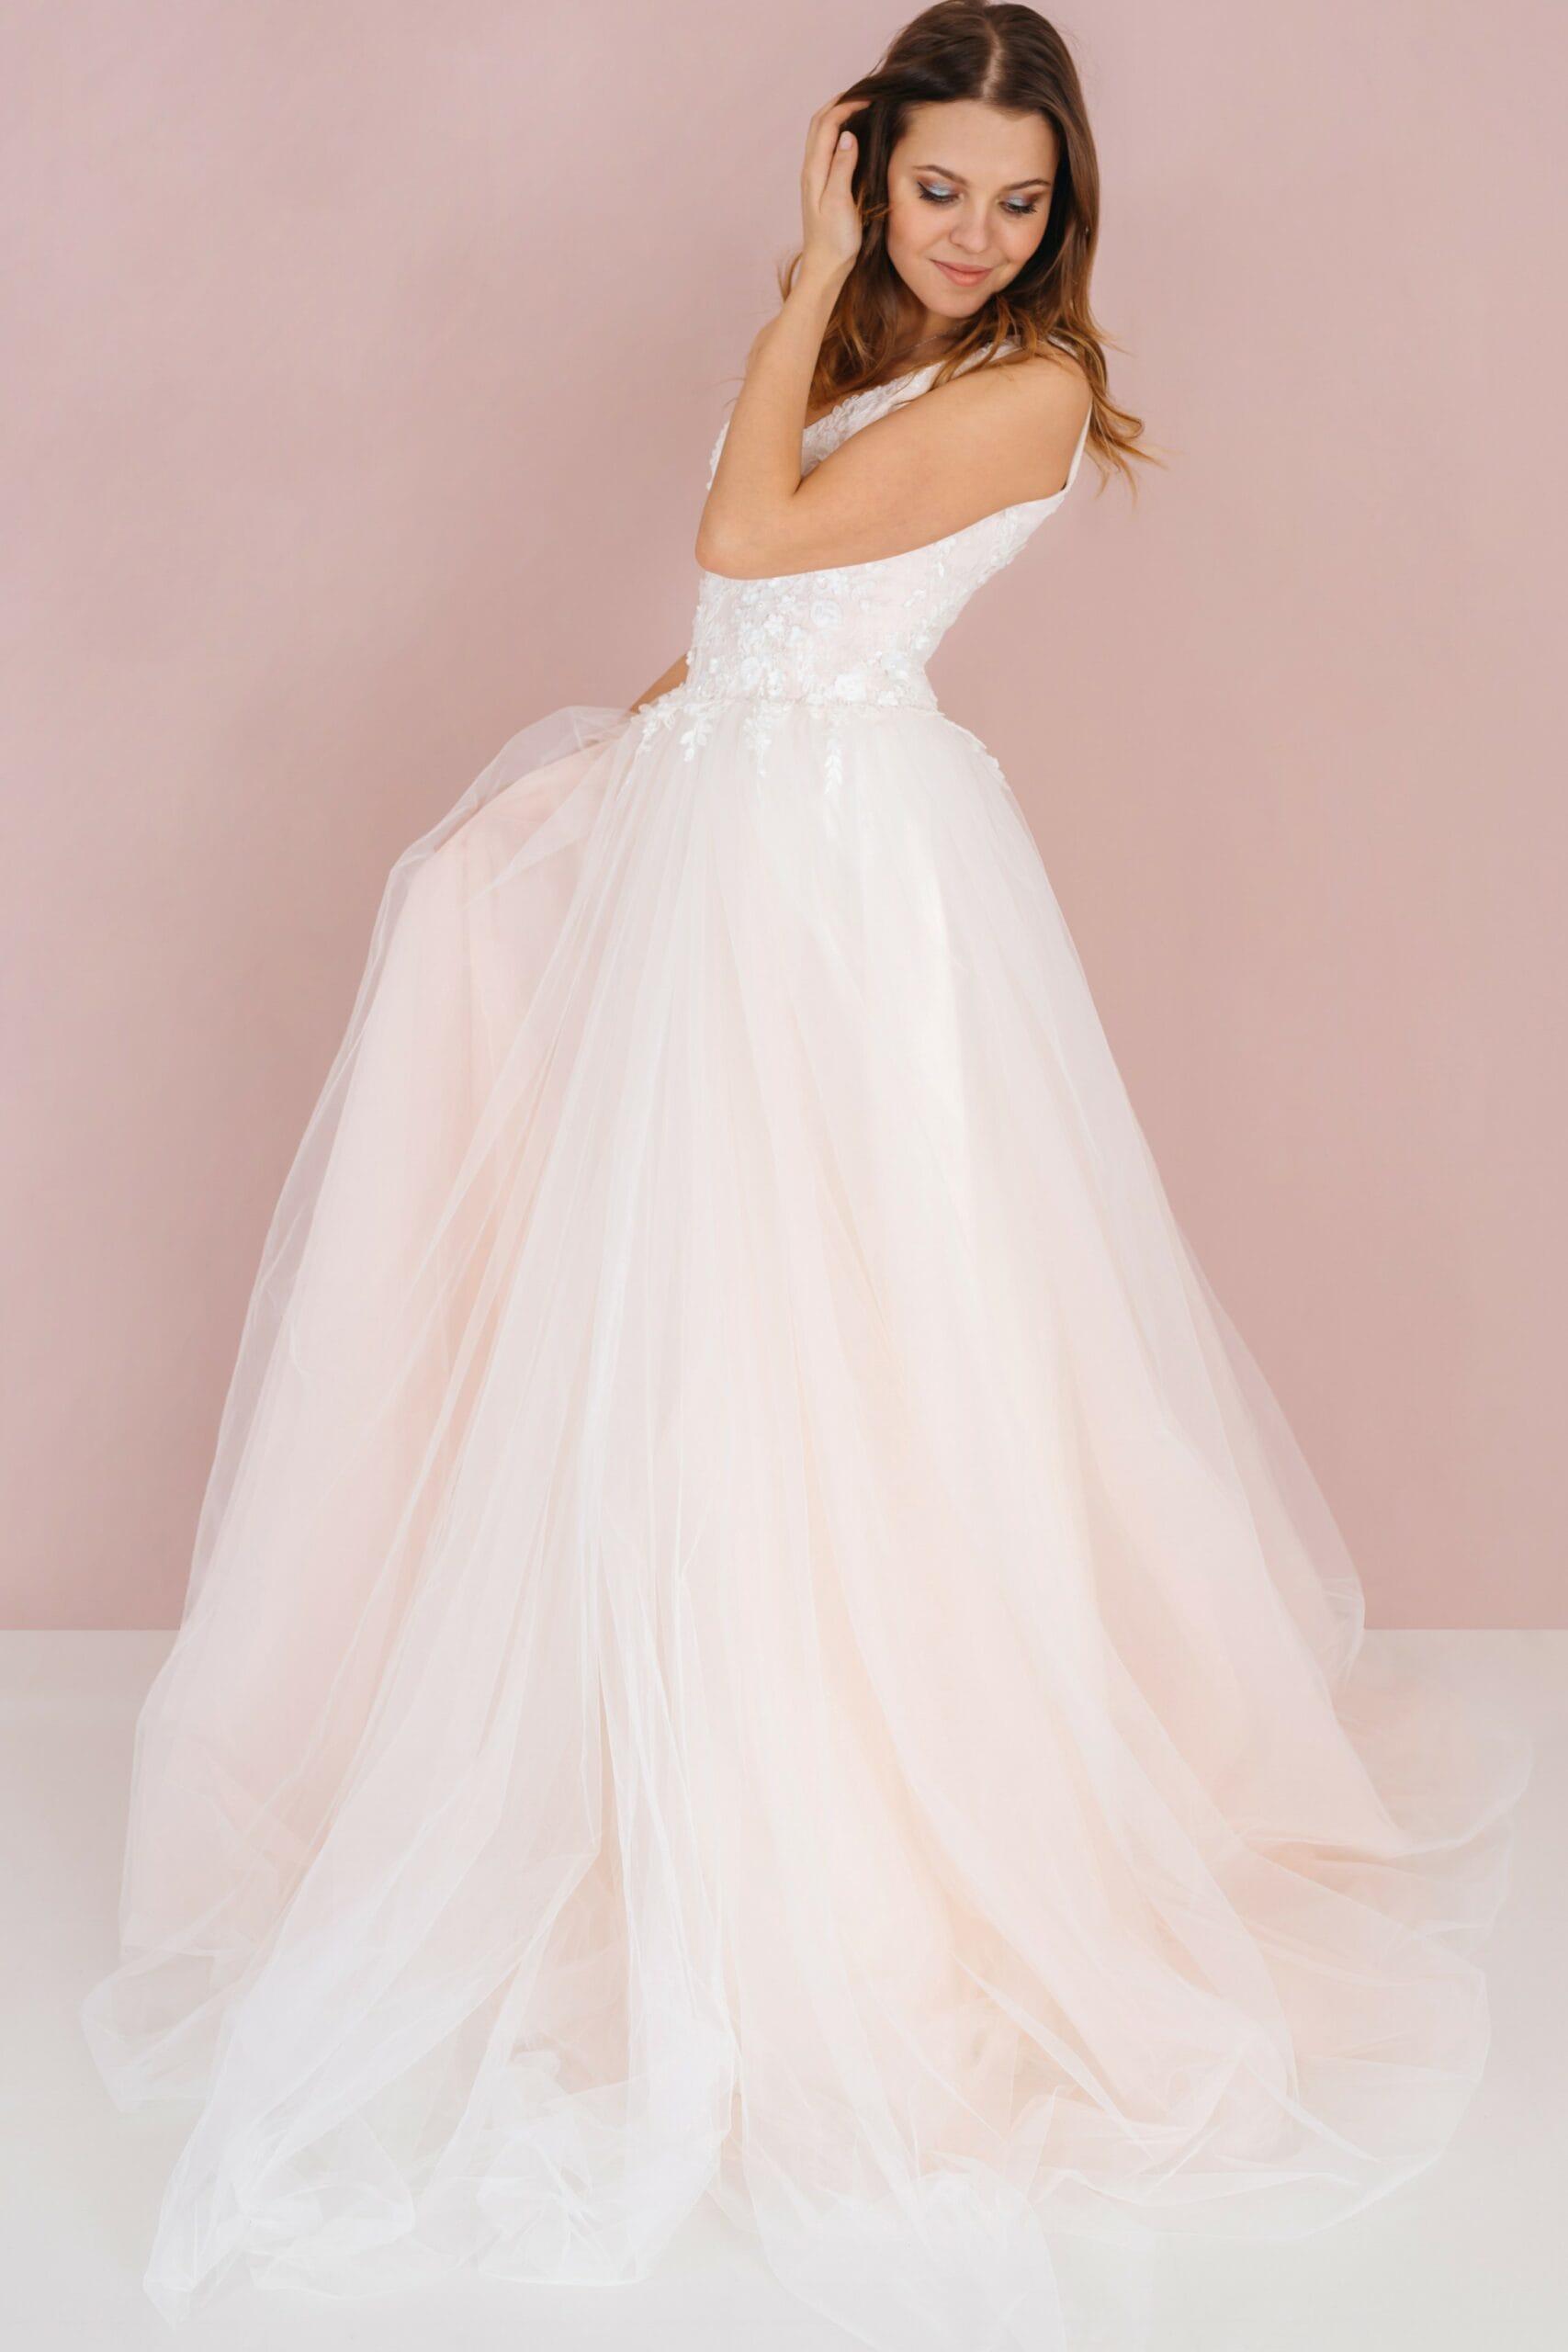 Свадебное платье LASSIE, коллекция LOFT, бренд RARE BRIDAL, фото 2